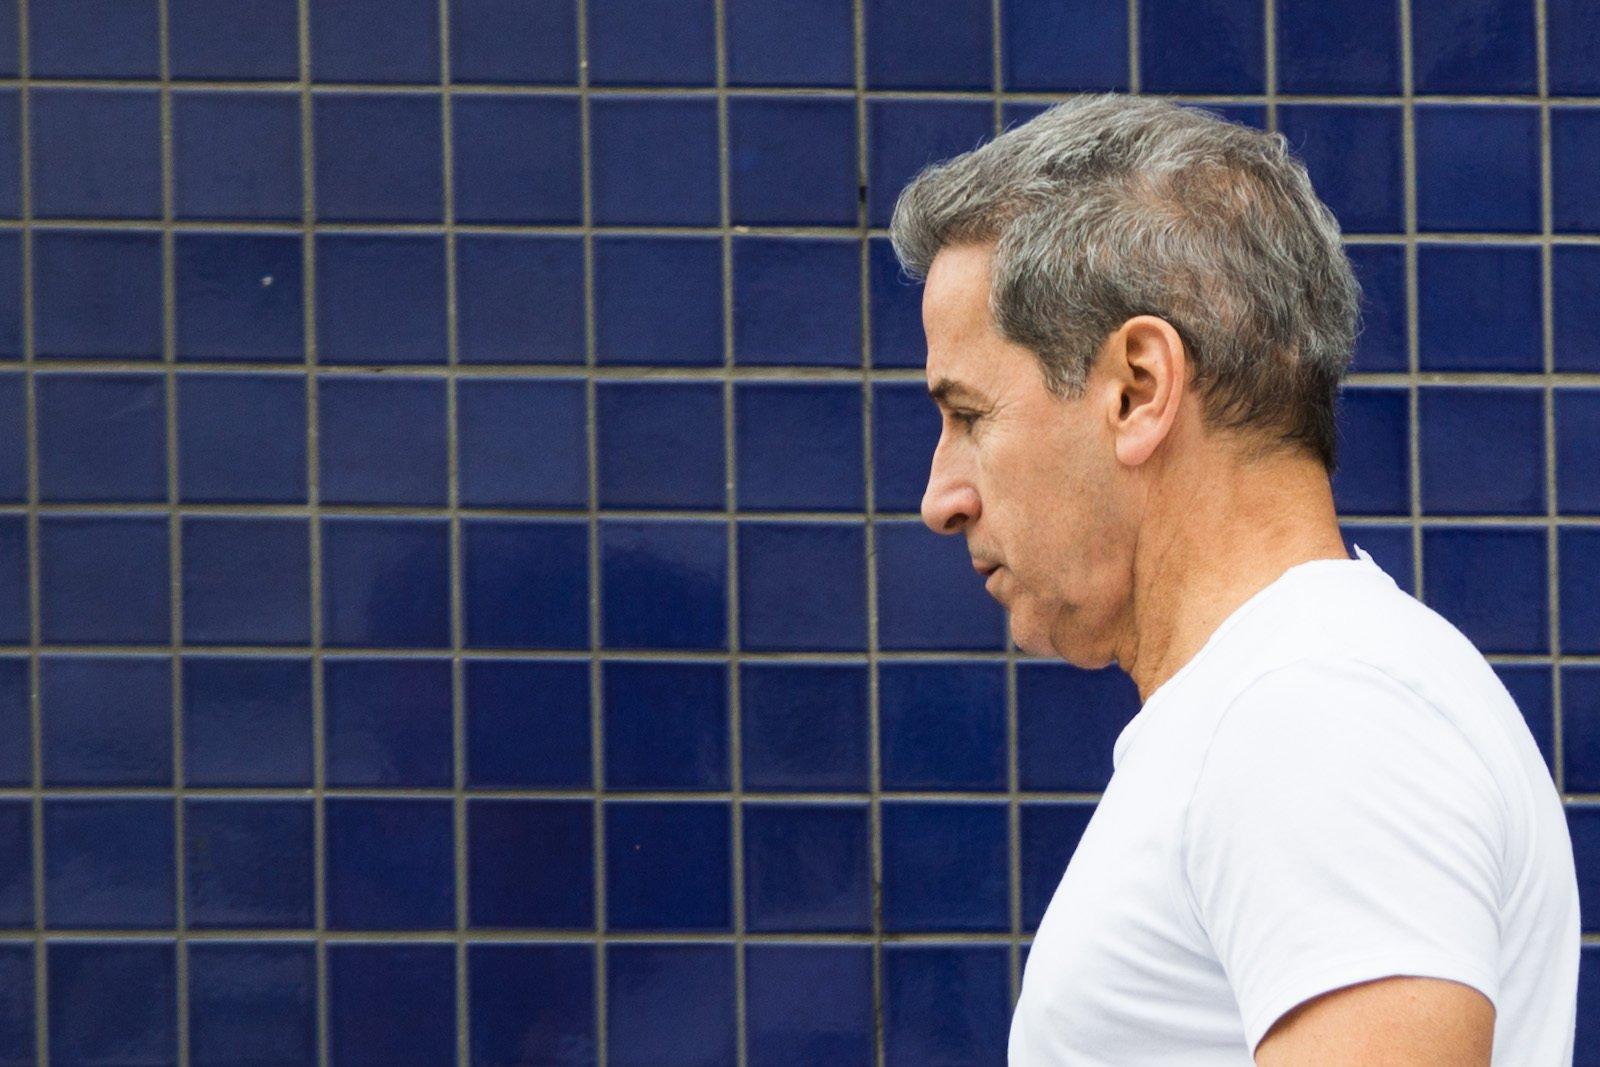 luiz estevao stf alvará marco aurelio radio corredor - Decisão de Marco Aurélio pode beneficiar Luiz Estevão